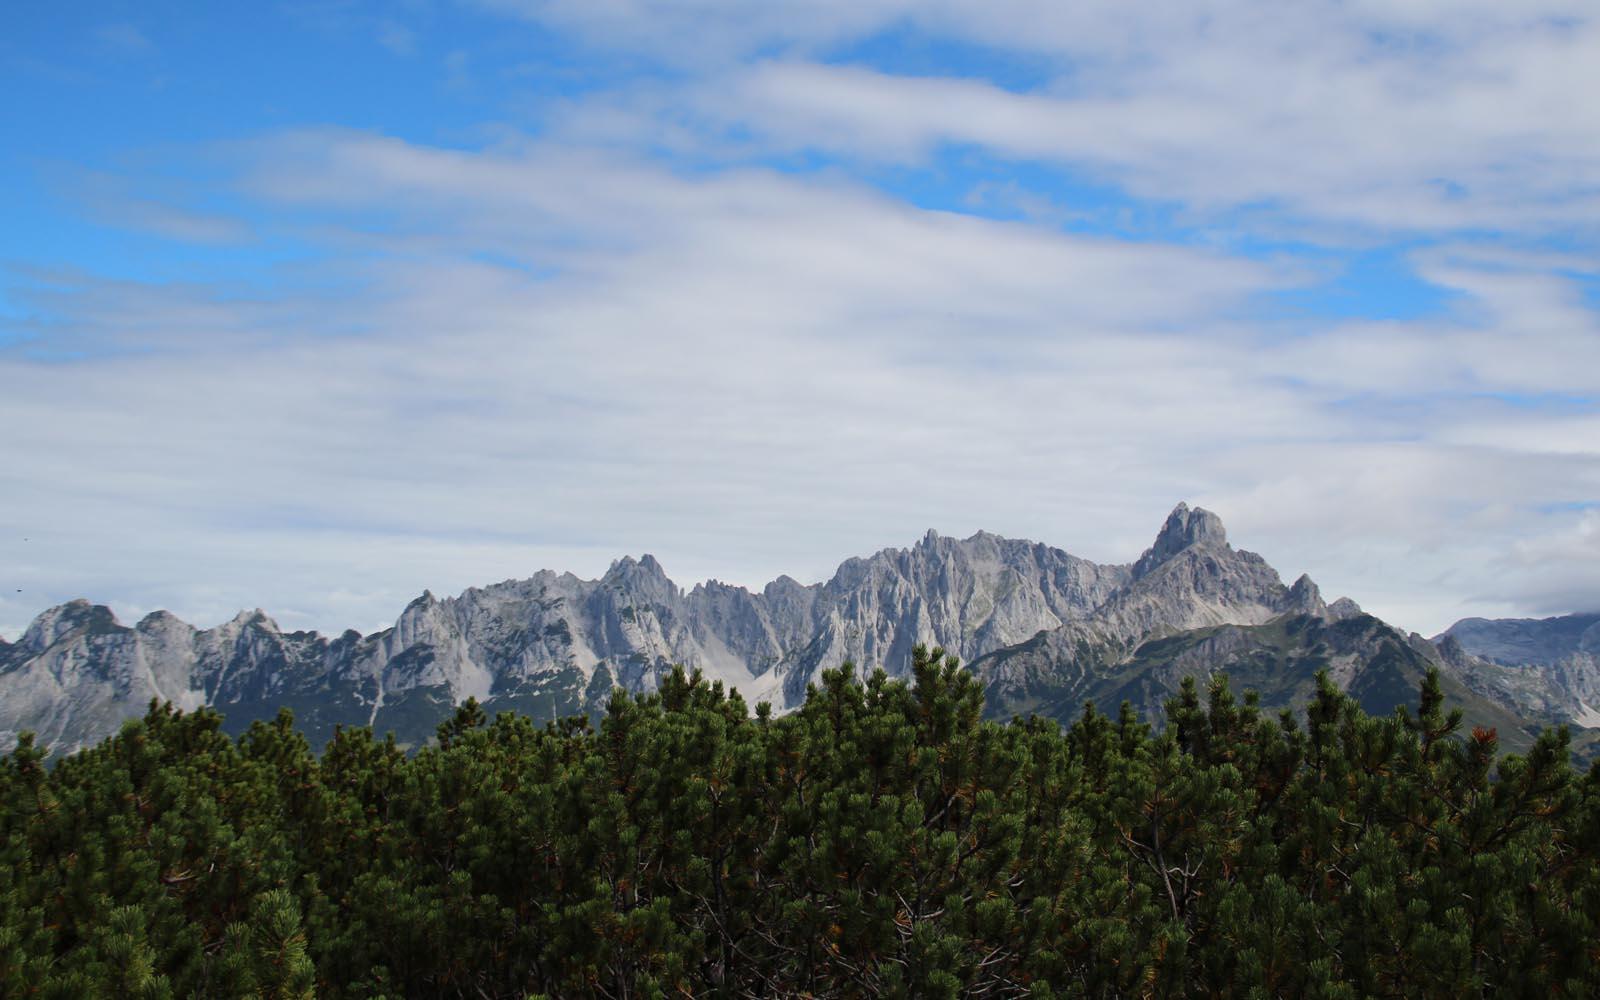 Am Gipfel eröffnet sich unbeschreibliches 360 Grad Panorama